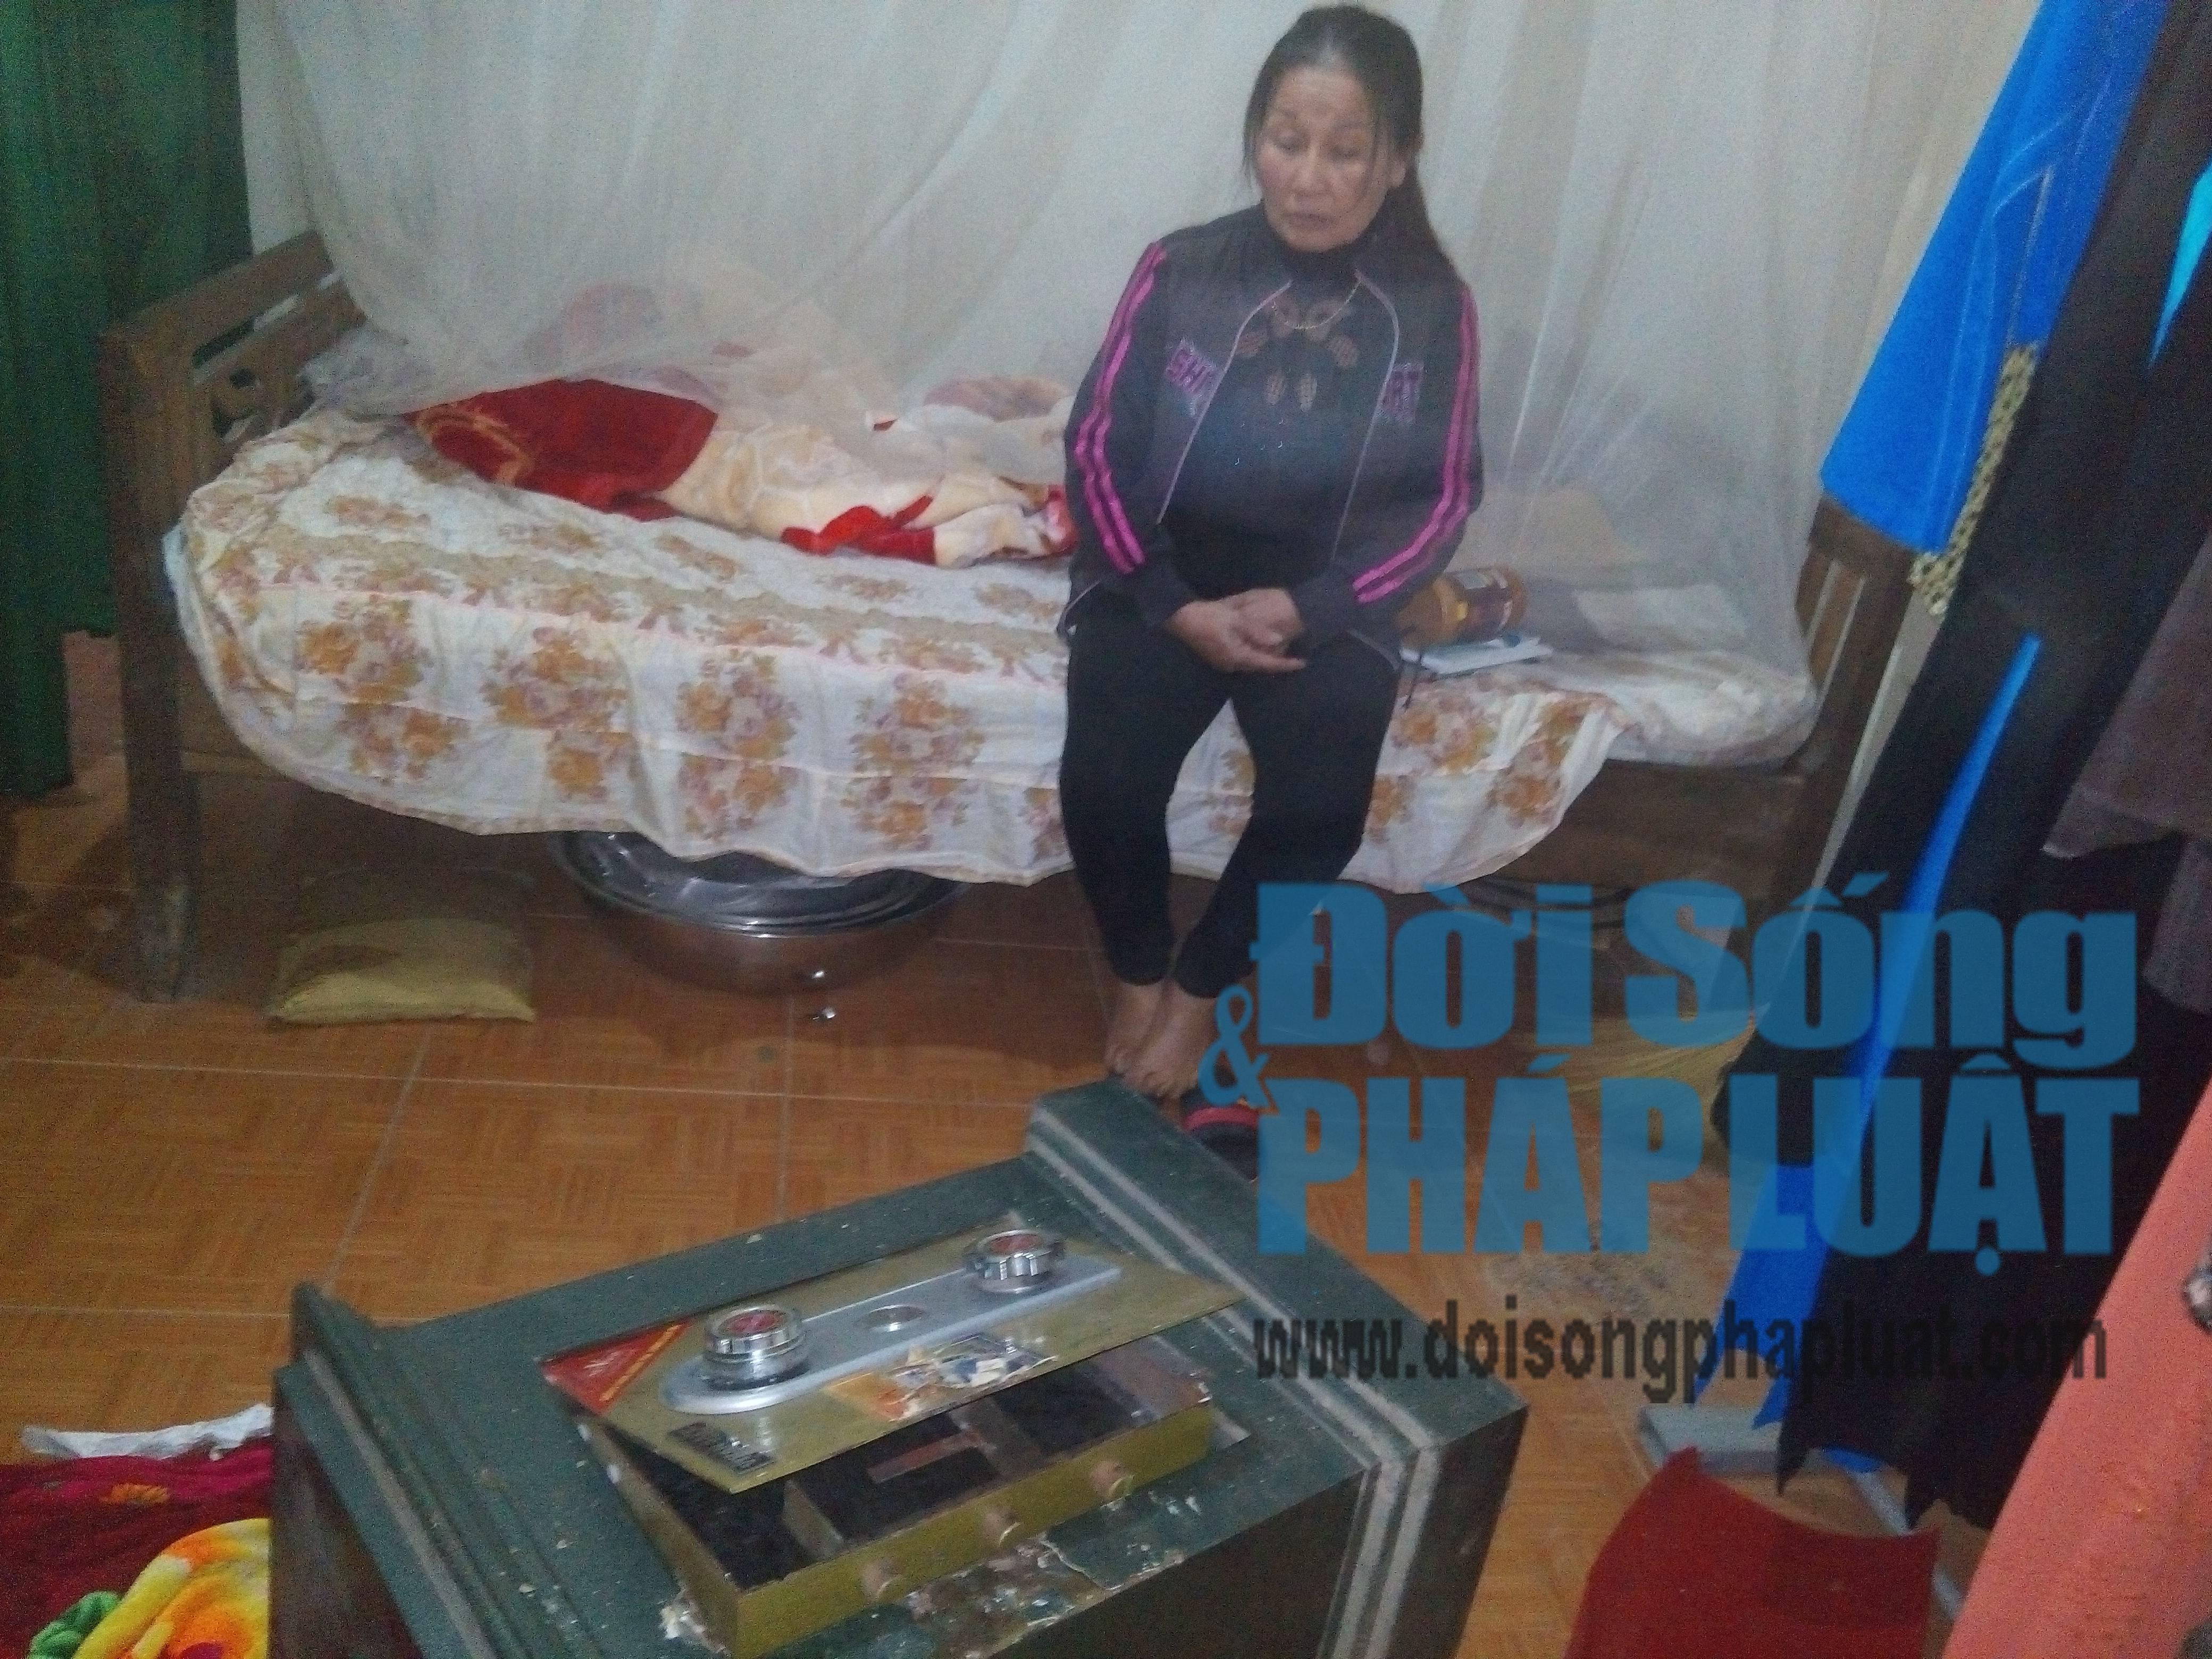 Hà Tĩnh: Lão nông trình báo bị trộm phá két lấy nhiều vàng - Ảnh 2